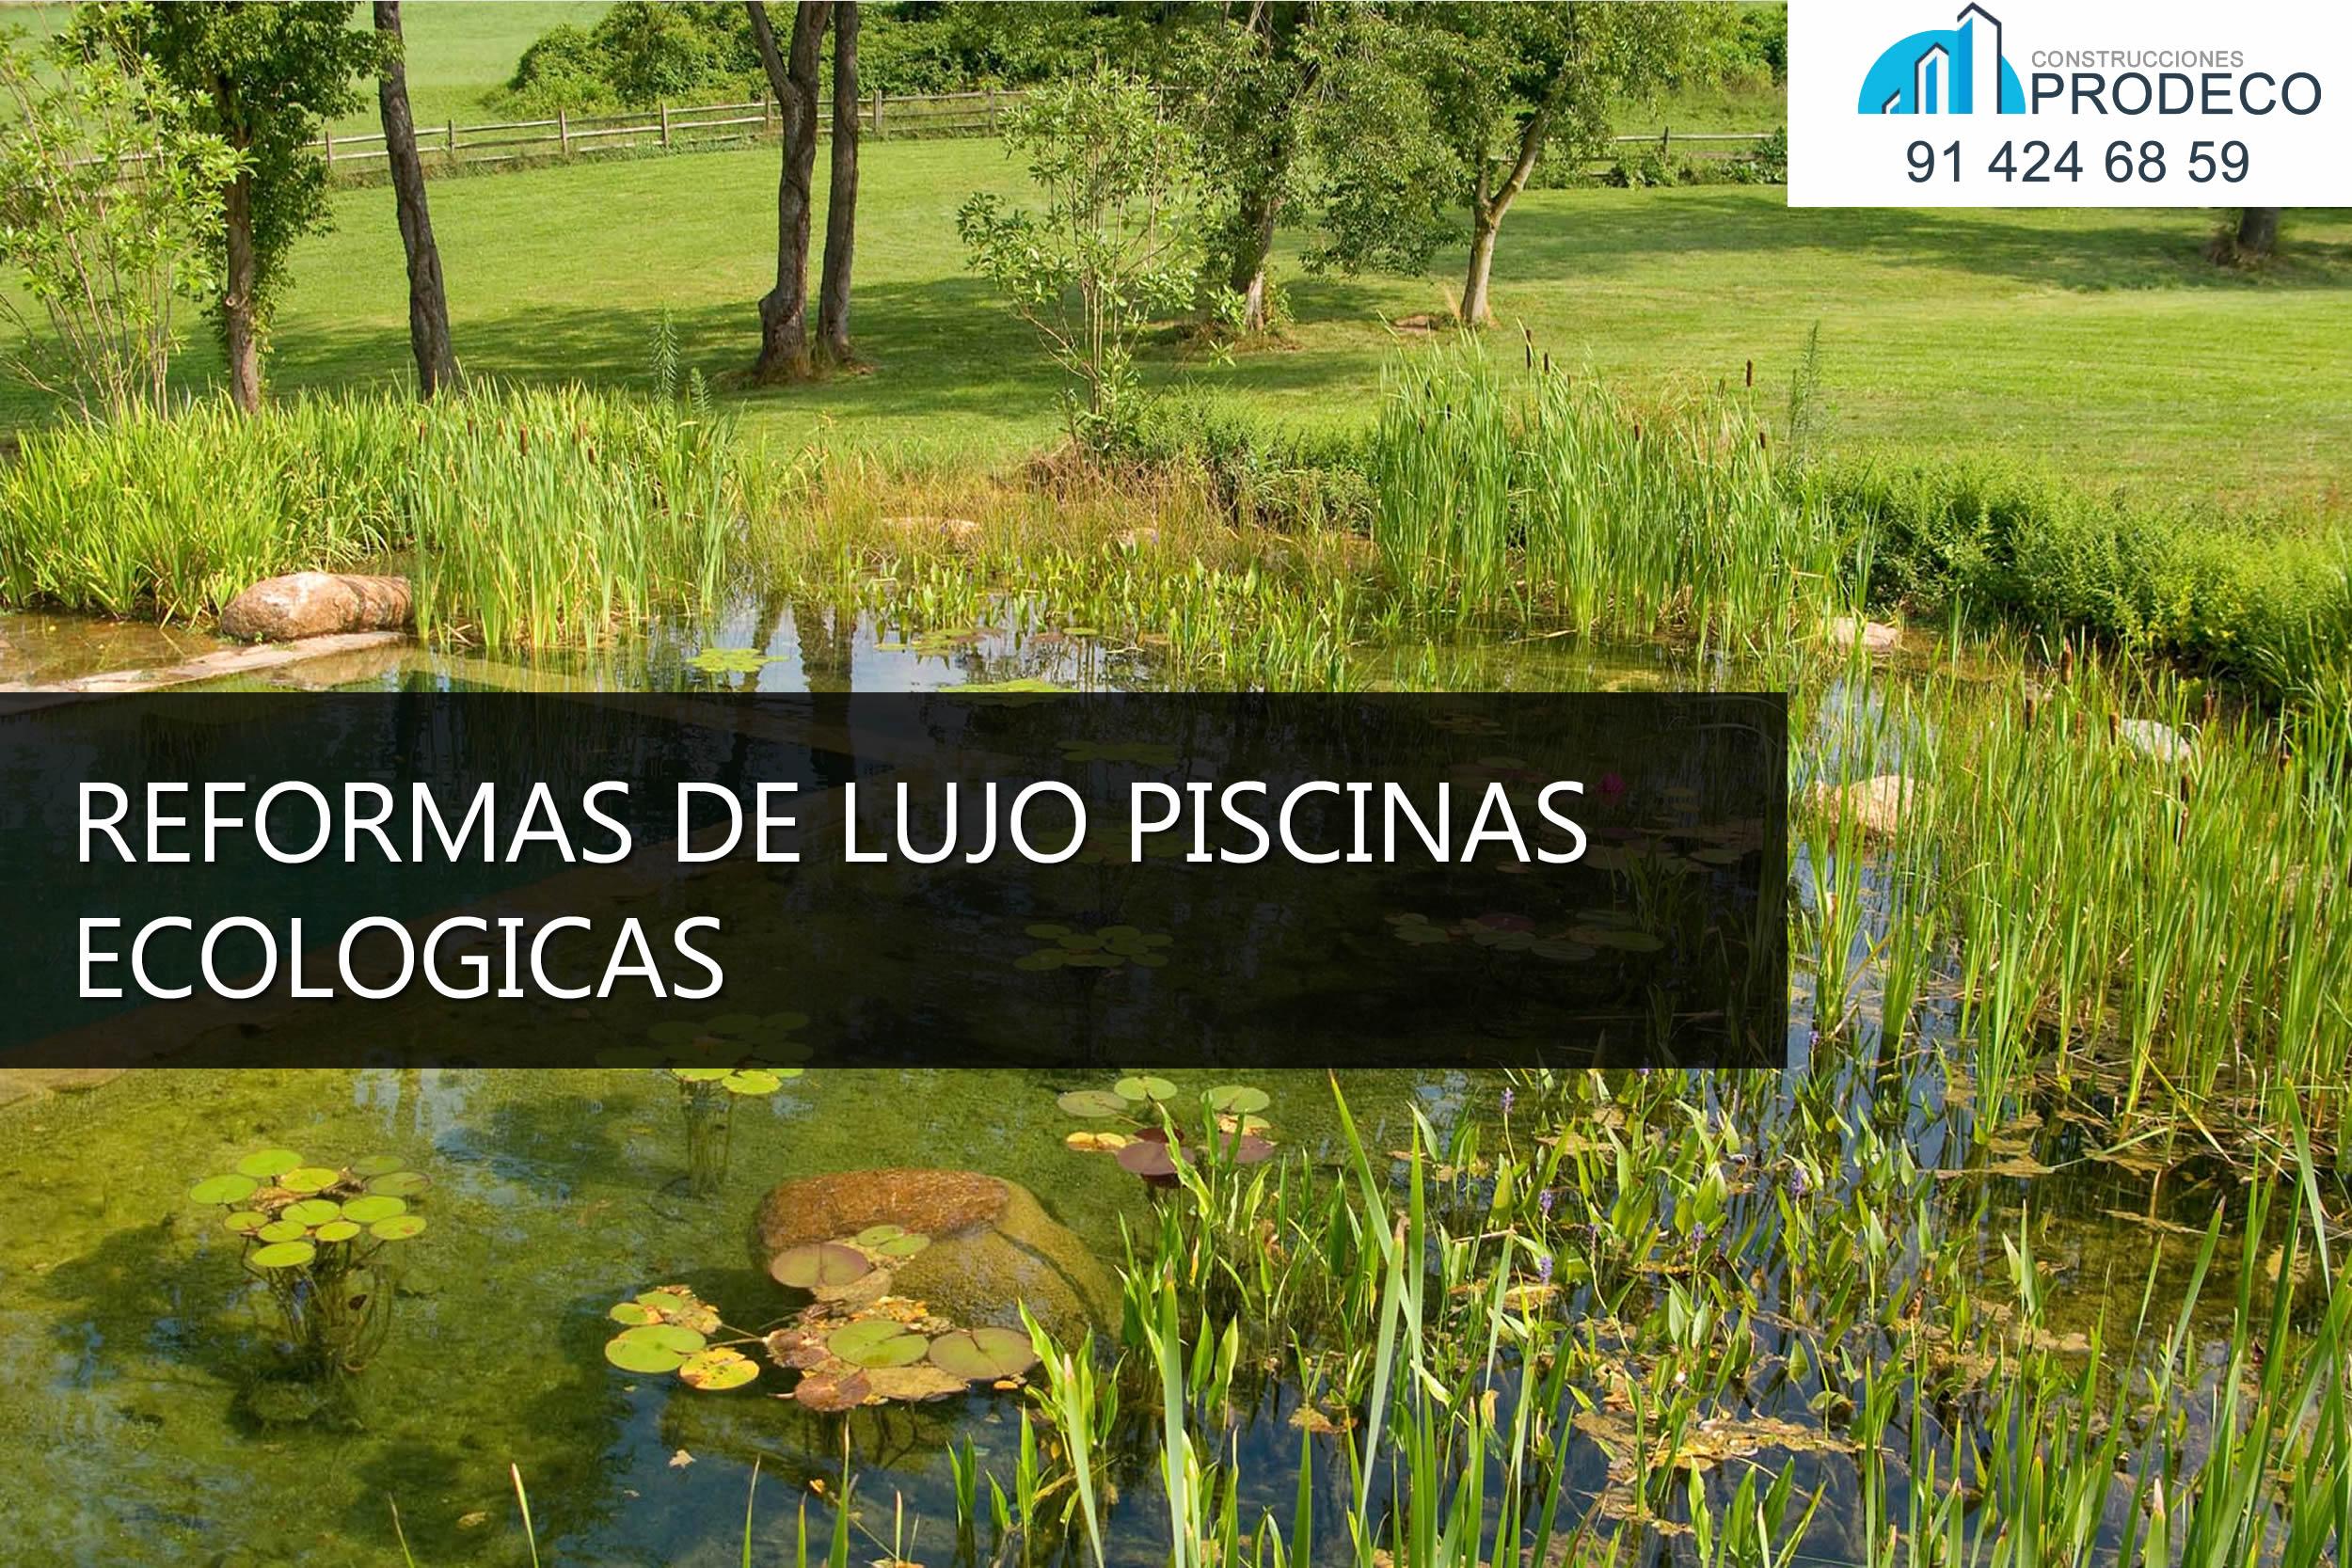 reformas y prodeco reformas de lujo piscinas ecologicas